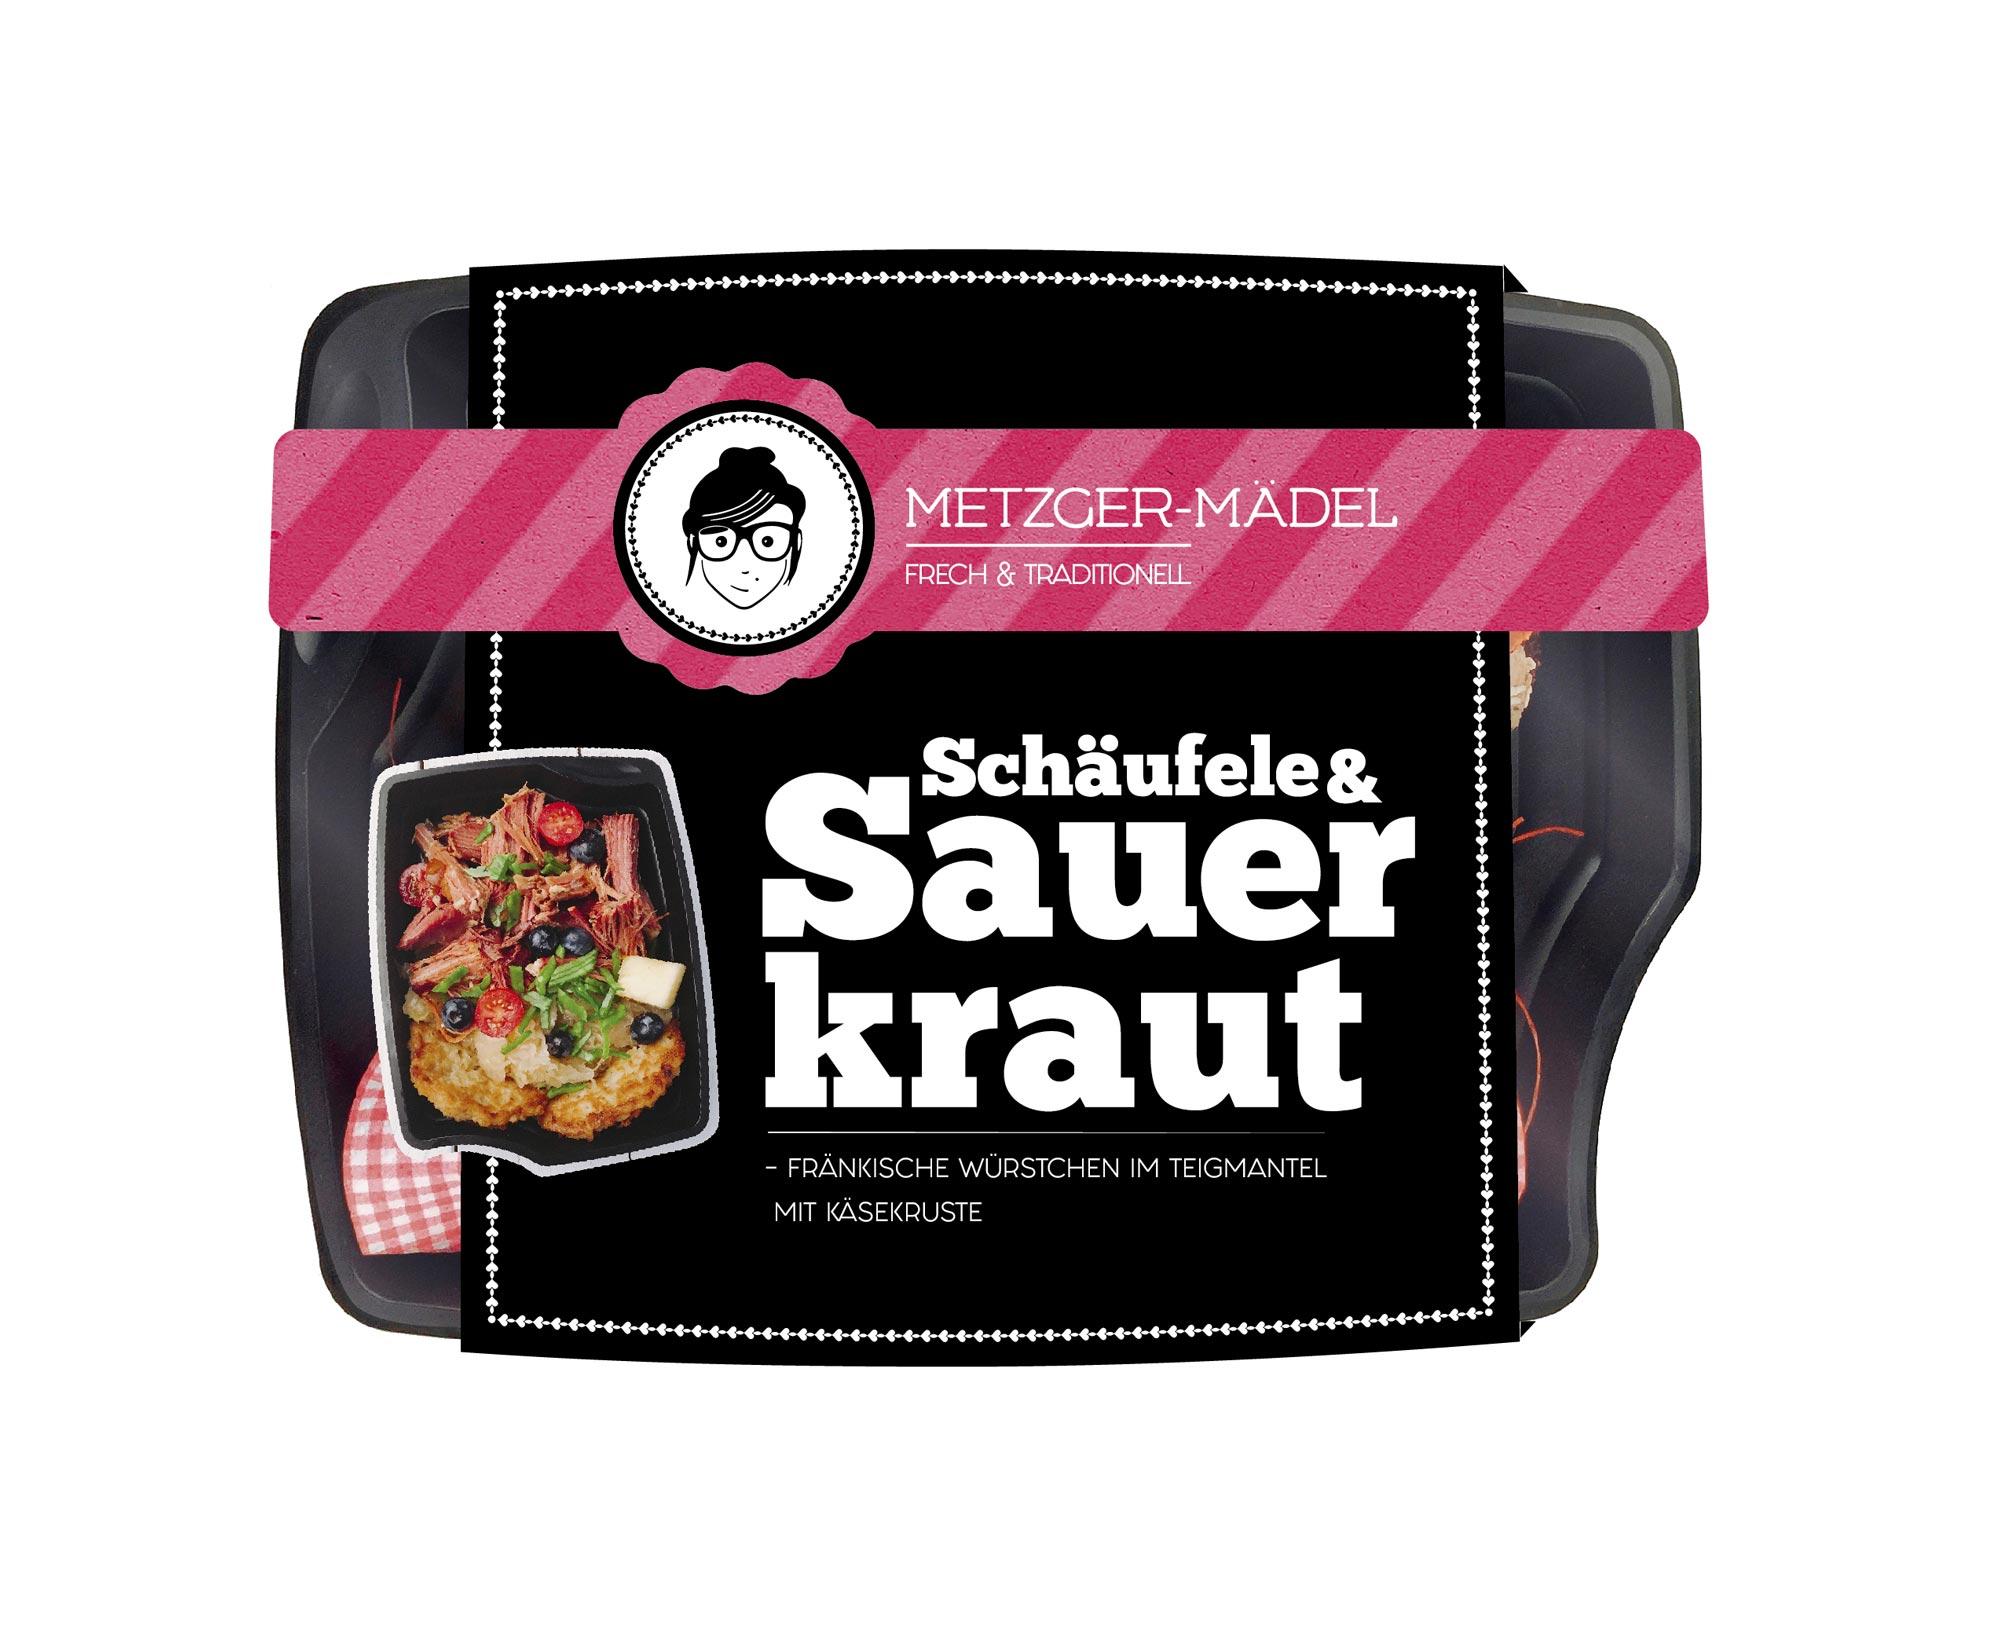 verpackungsdesign Edeka Metzger Mädel schäufele und Sauerkraut